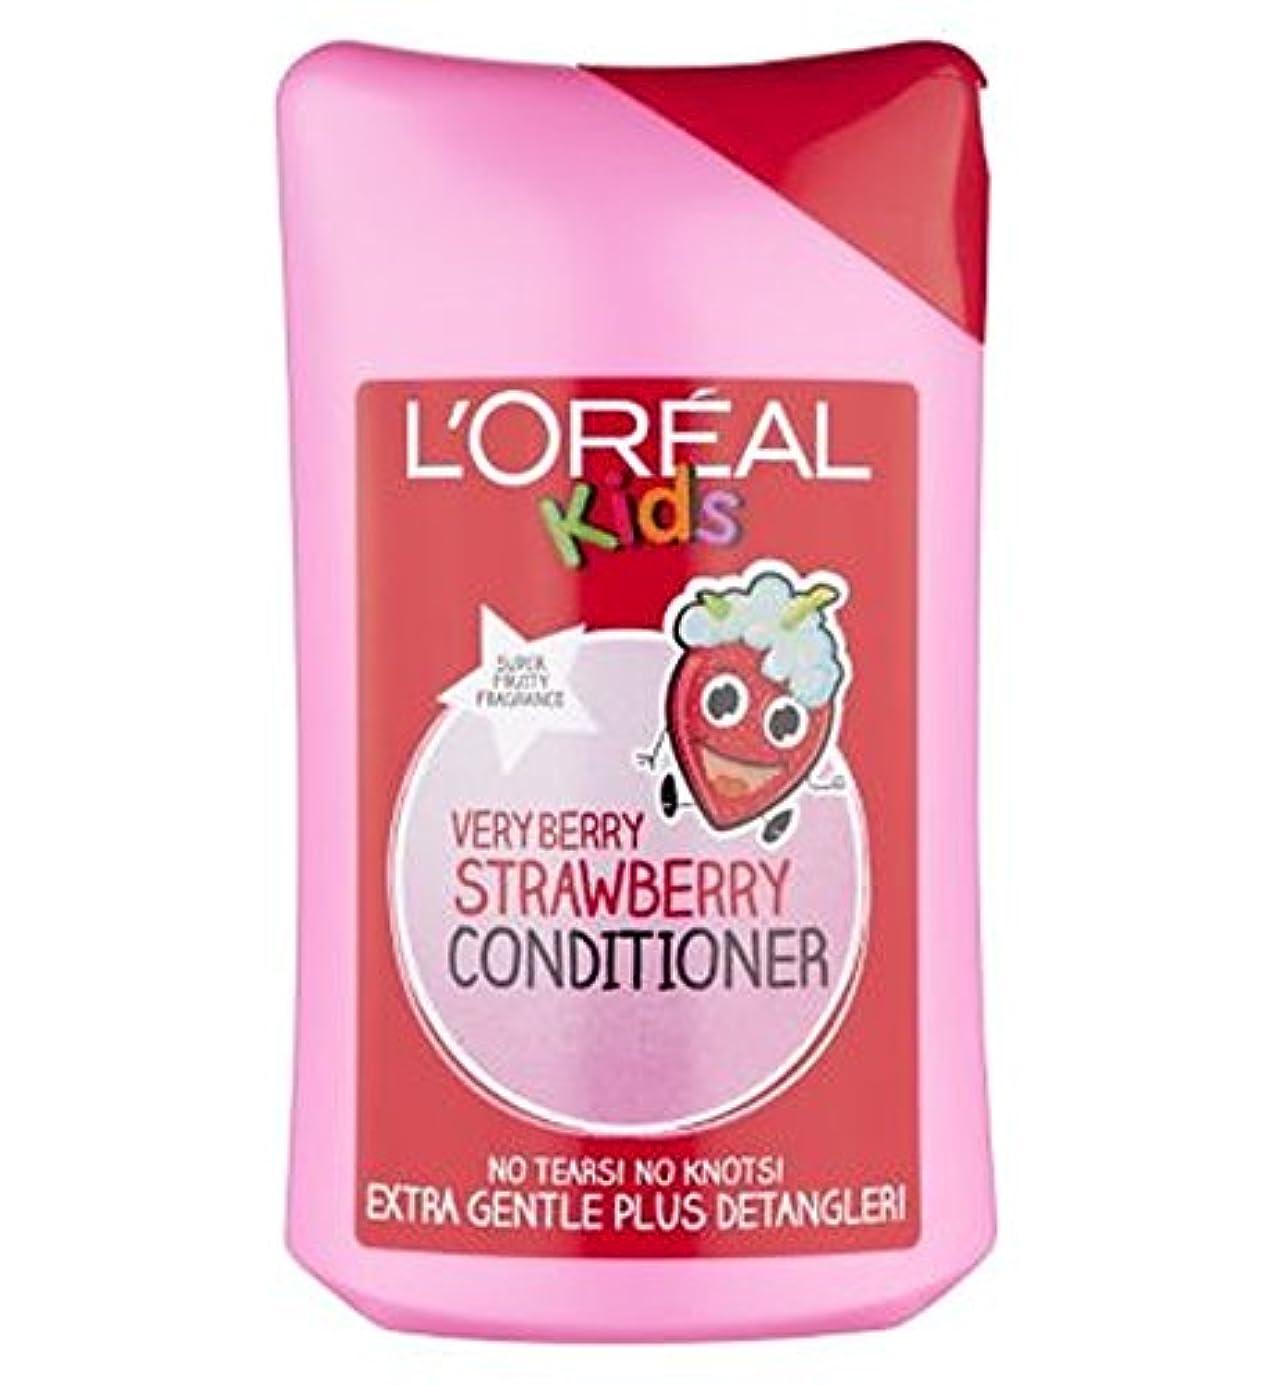 ベリー野心的別れるL'Oreall子供余分な穏やかな非常にベリーストロベリーコンディショナー250ミリリットル (L'Oreal) (x2) - L'Oreall Kids Extra Gentle Very Berry Strawberry...